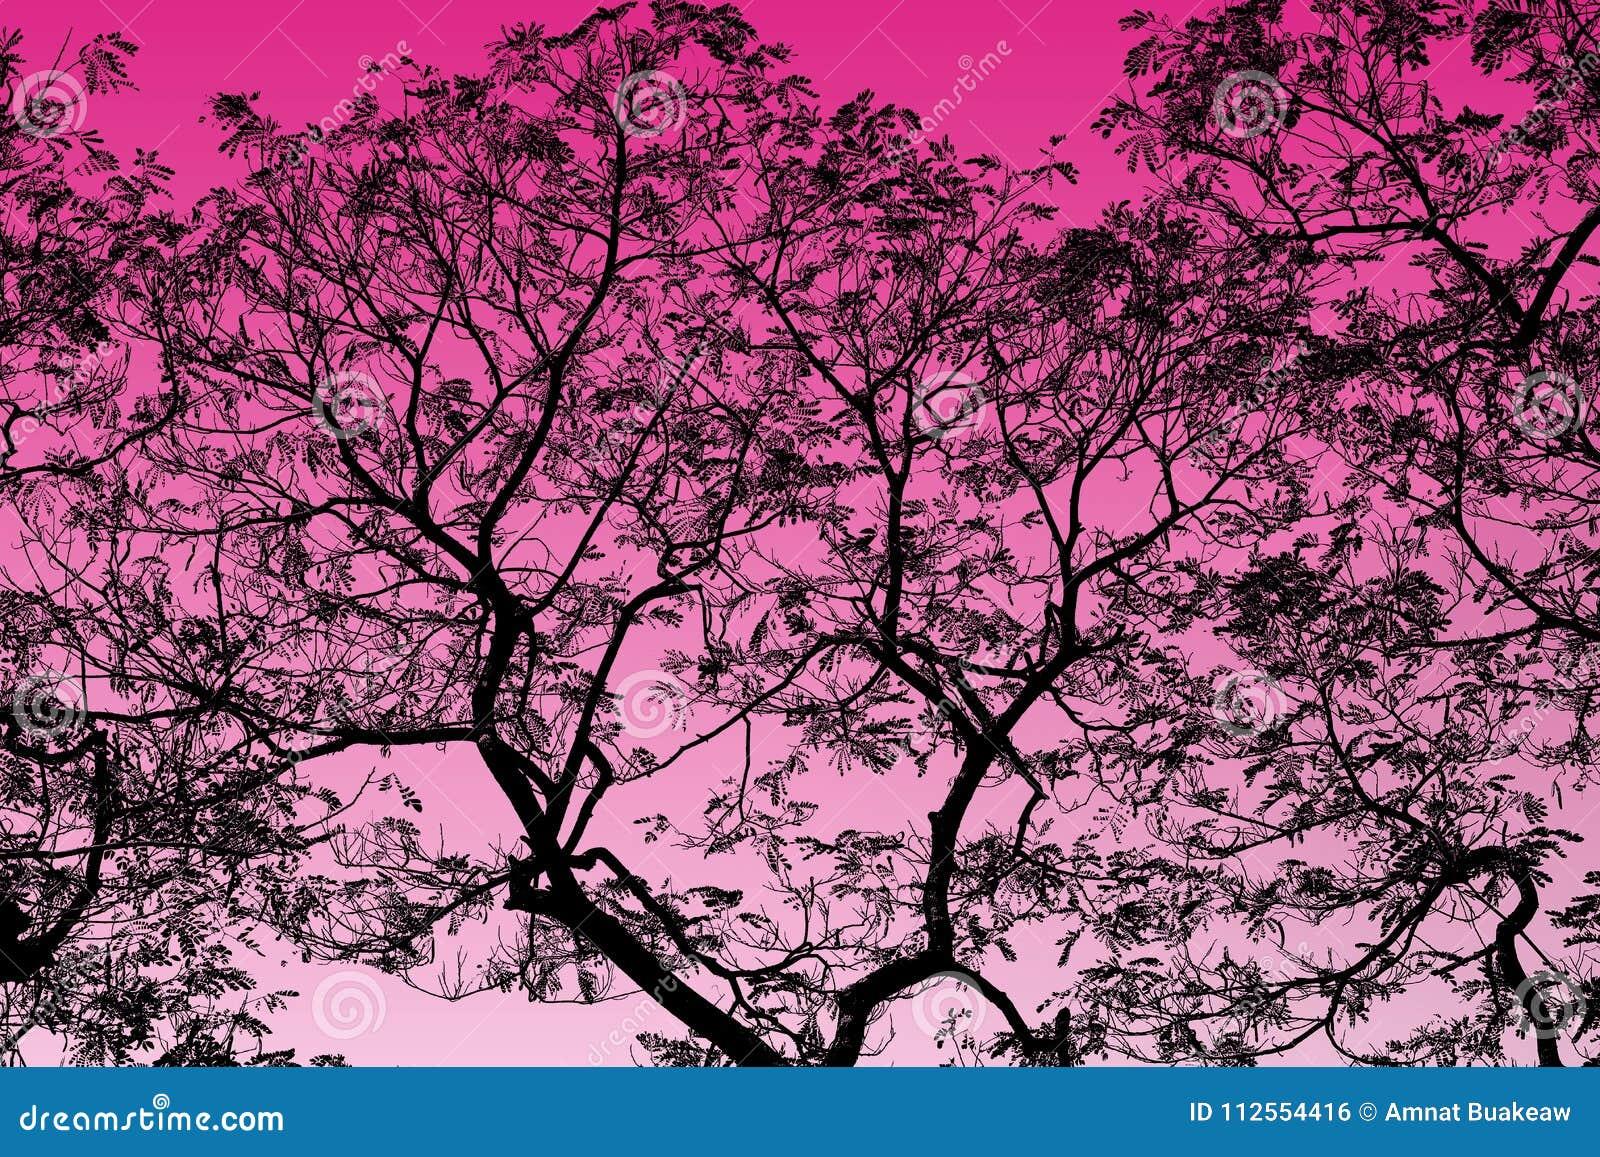 Abstracte Zwarte Boomtakken op Roze hoogtepunt als achtergrond